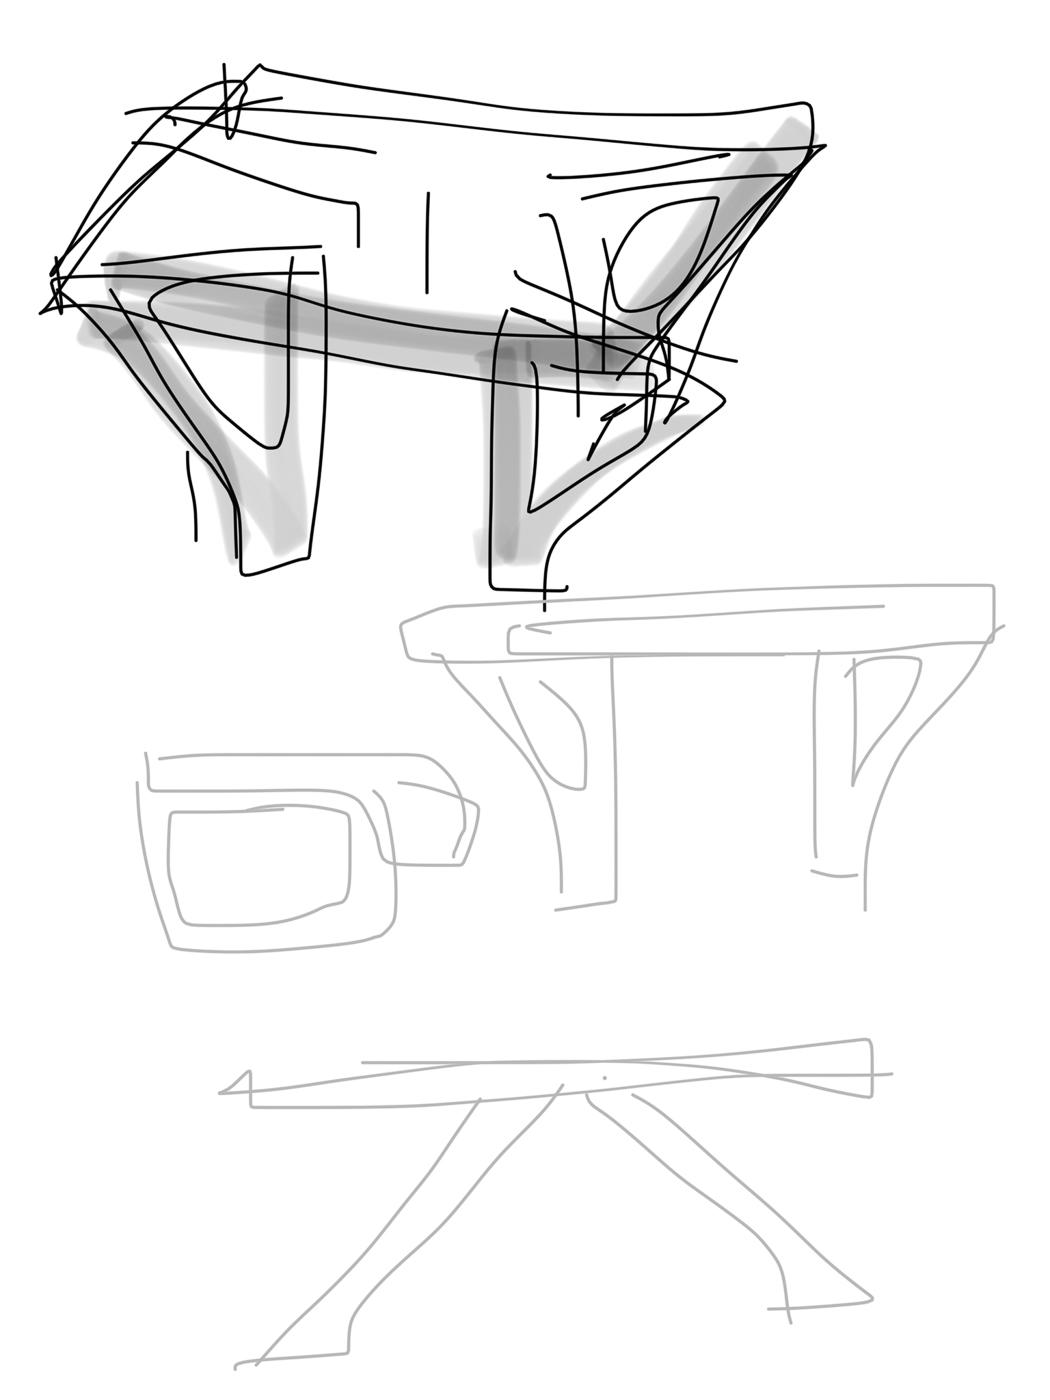 Sketch-405.jpg